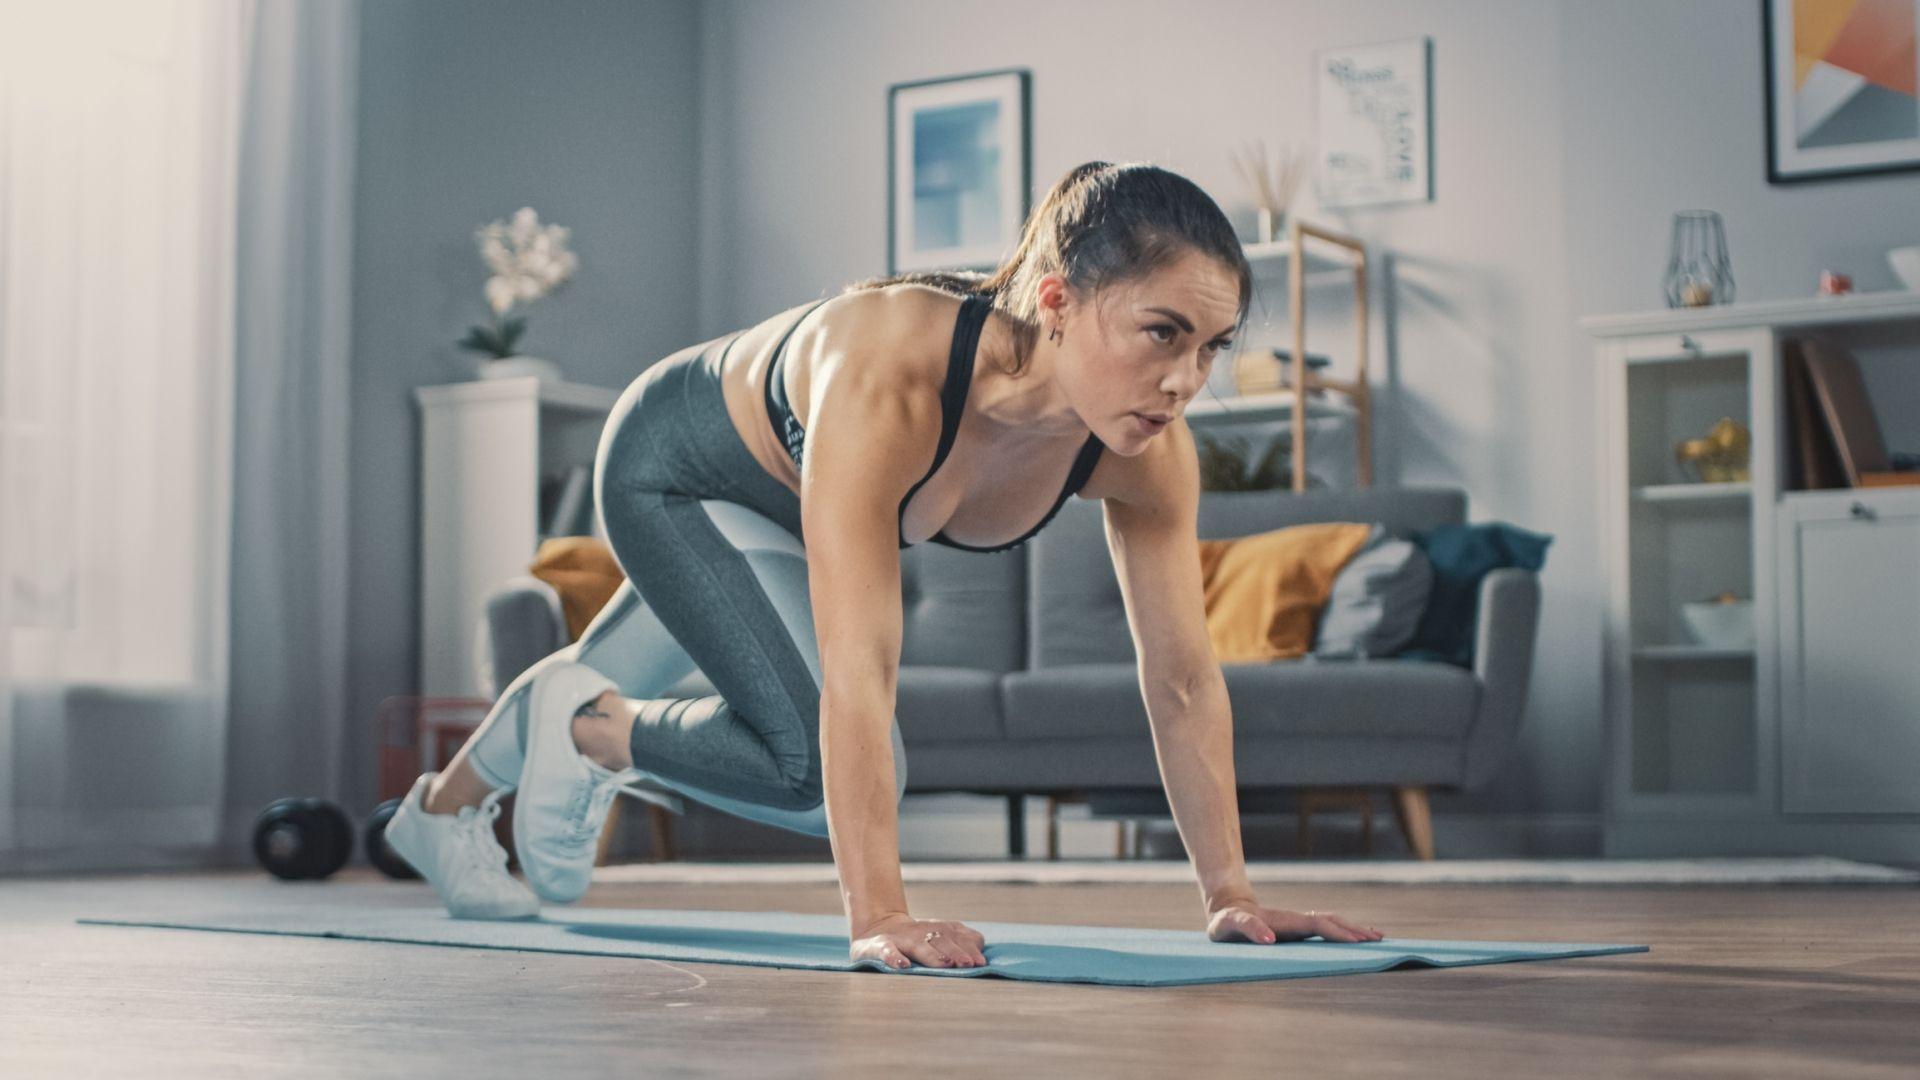 Ejercicios para mantenerse en forma desde casa